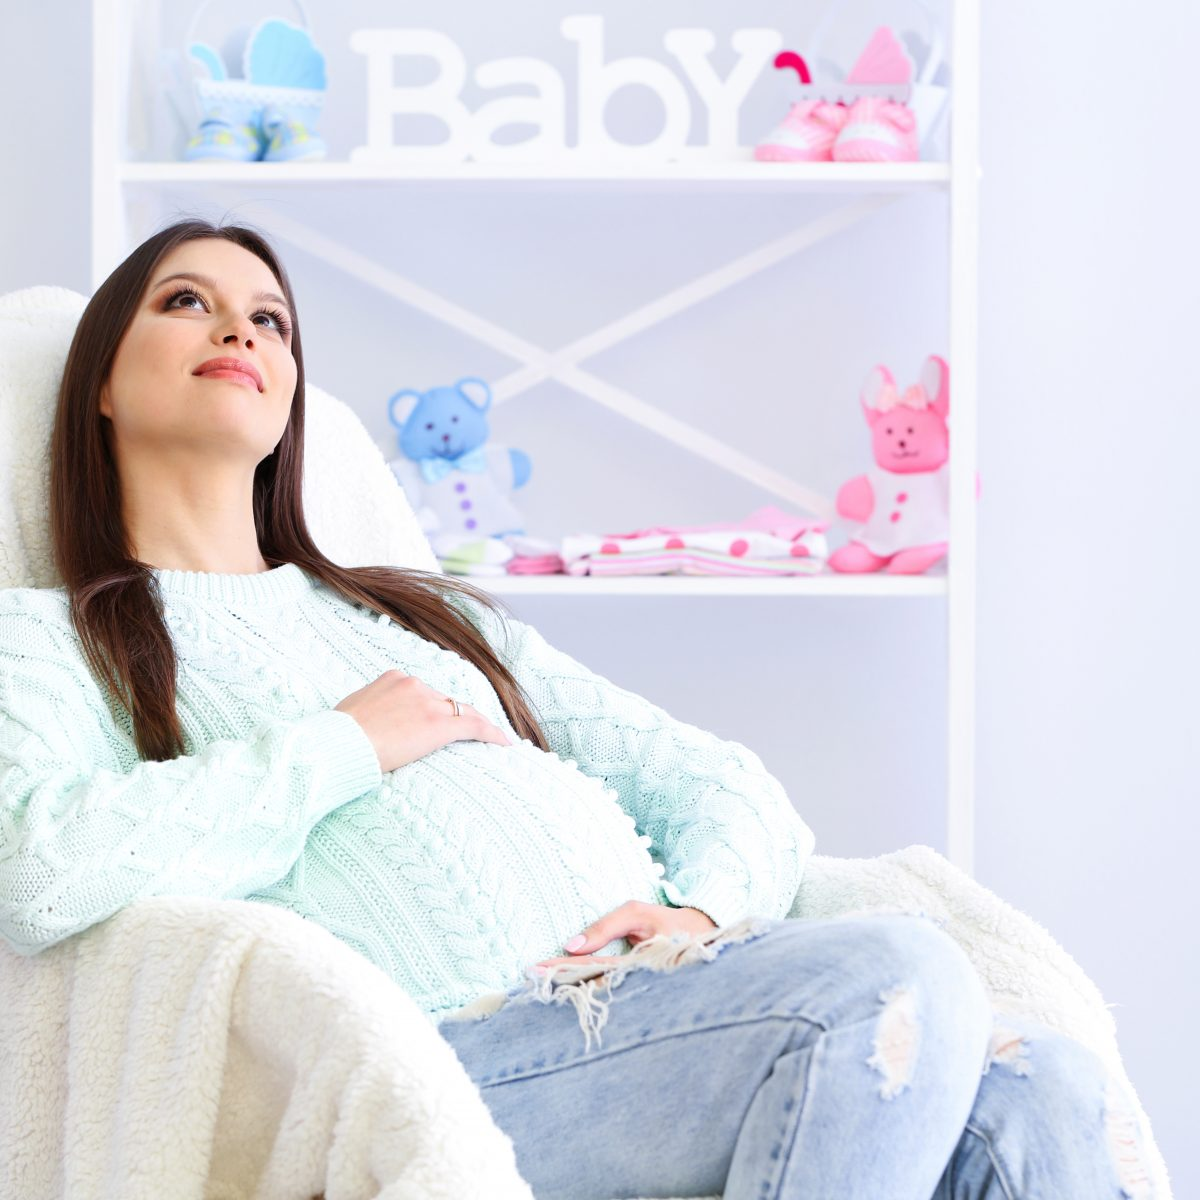 Bebeğiniz İçin Hazırlayacağınız Odada Dikkat Etmeniz Gereken 10 Unsur